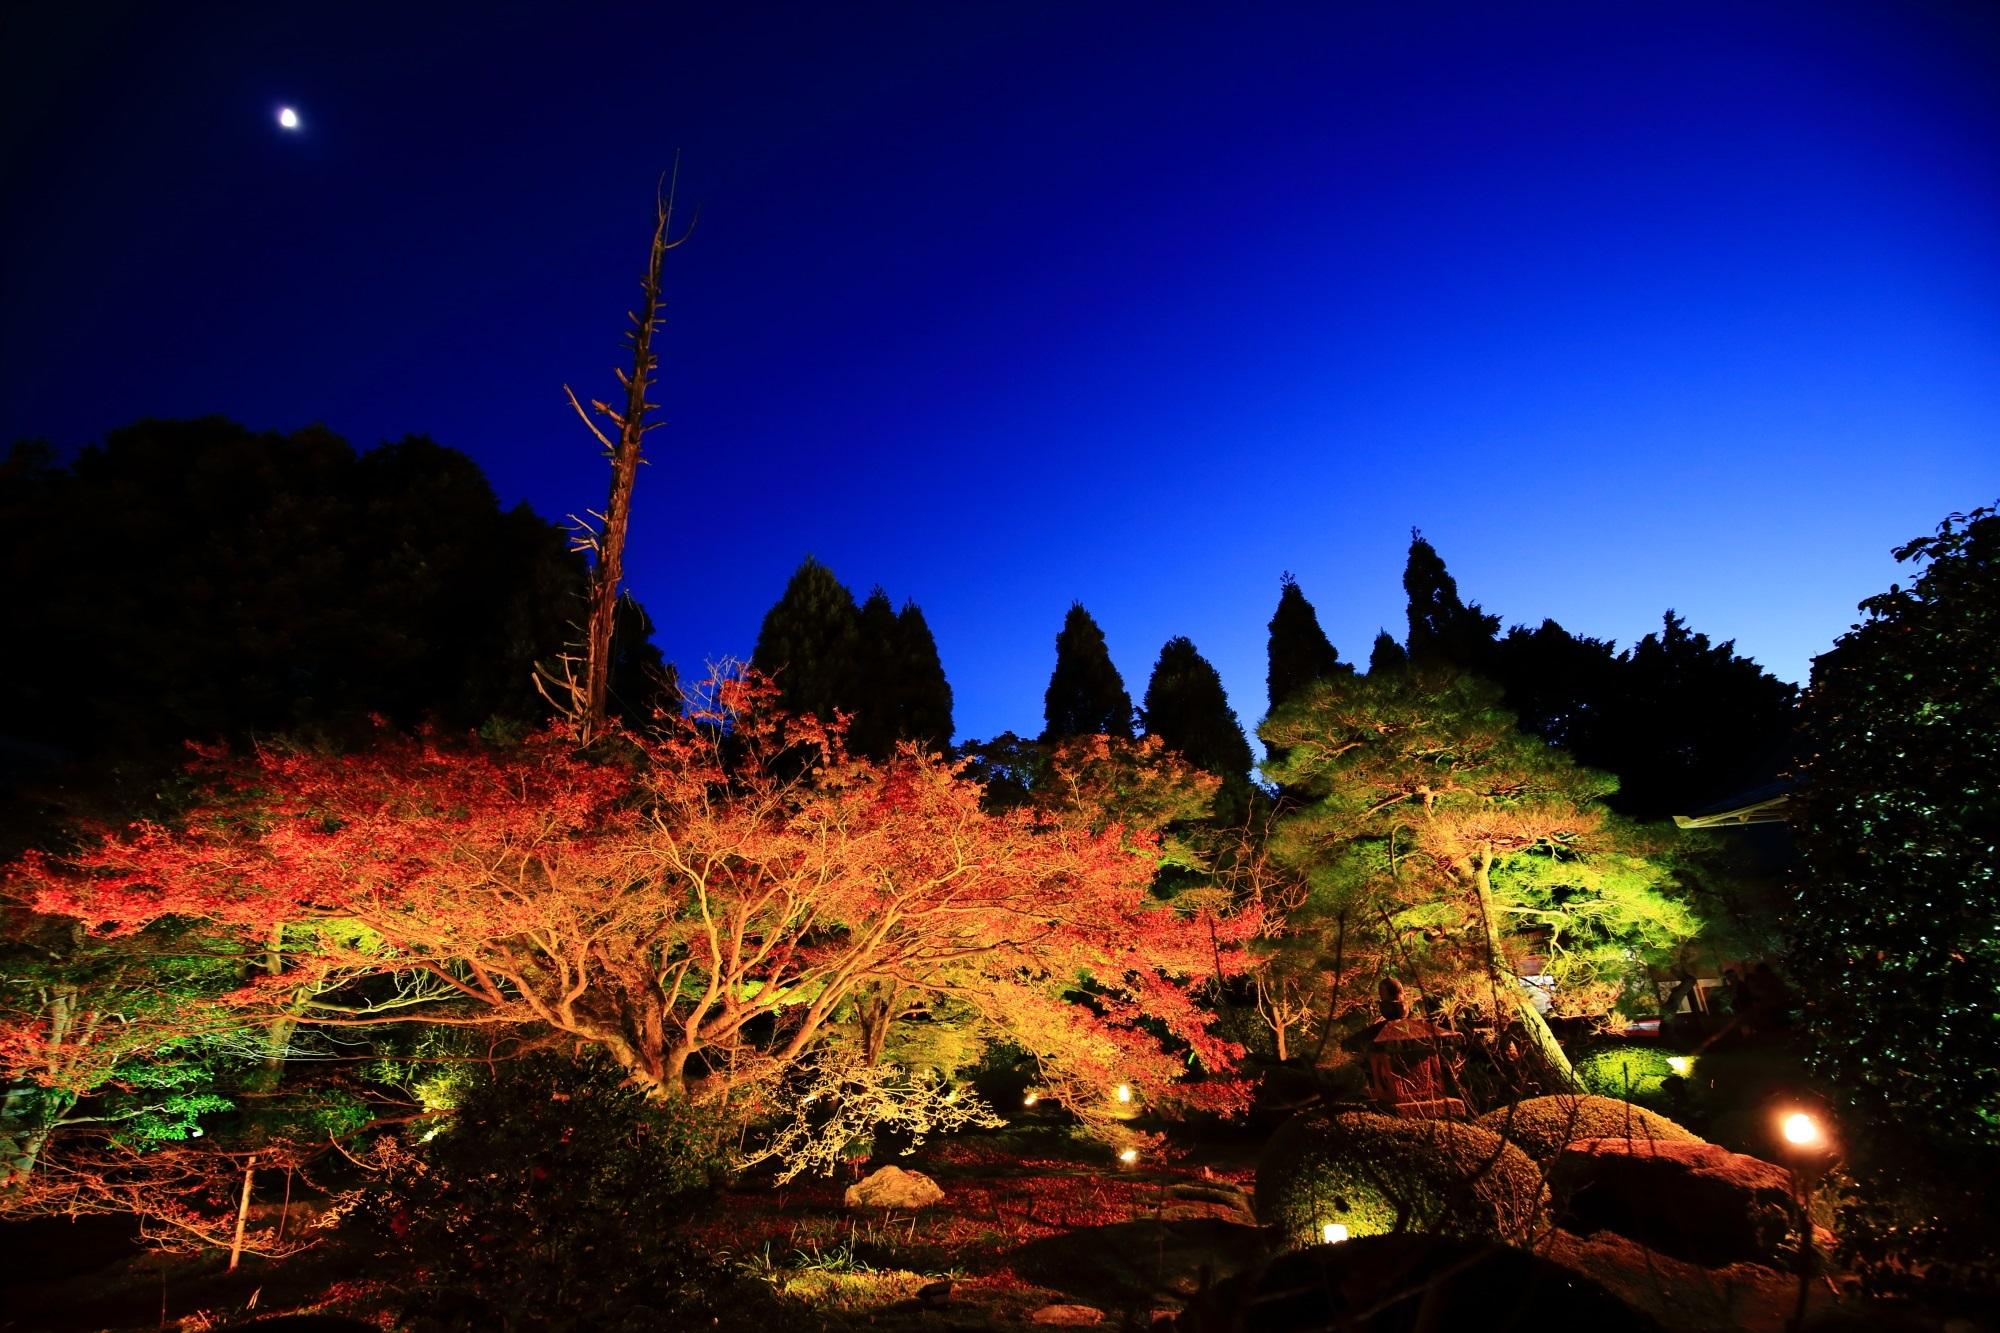 涌寺別院の雲龍院の風情ある紅葉ライトアップと空